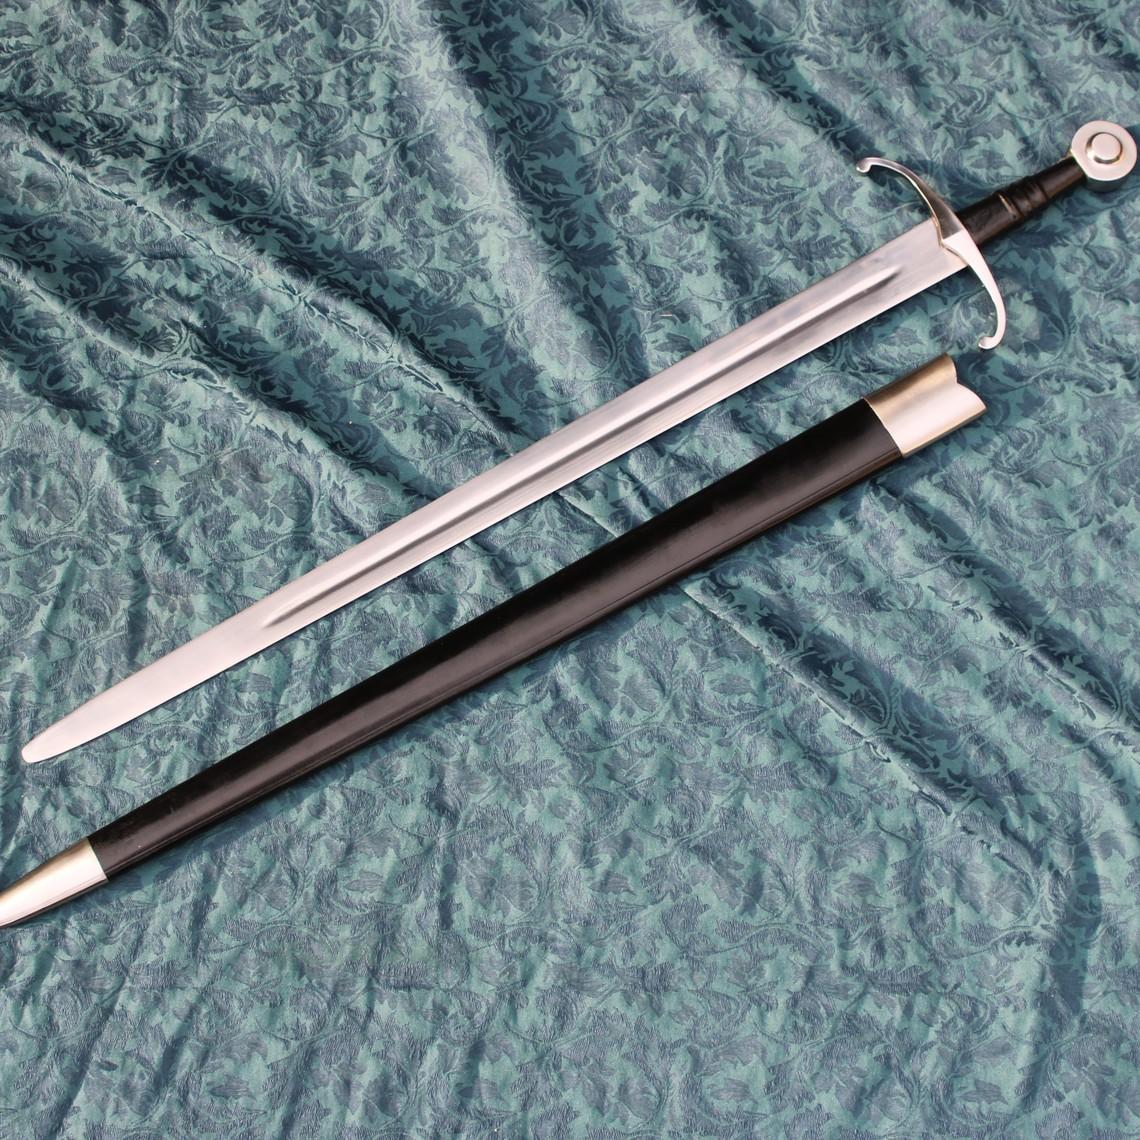 Windlass Steelcrafts Spada medievale da combattimento con fodero in pelle, temperato